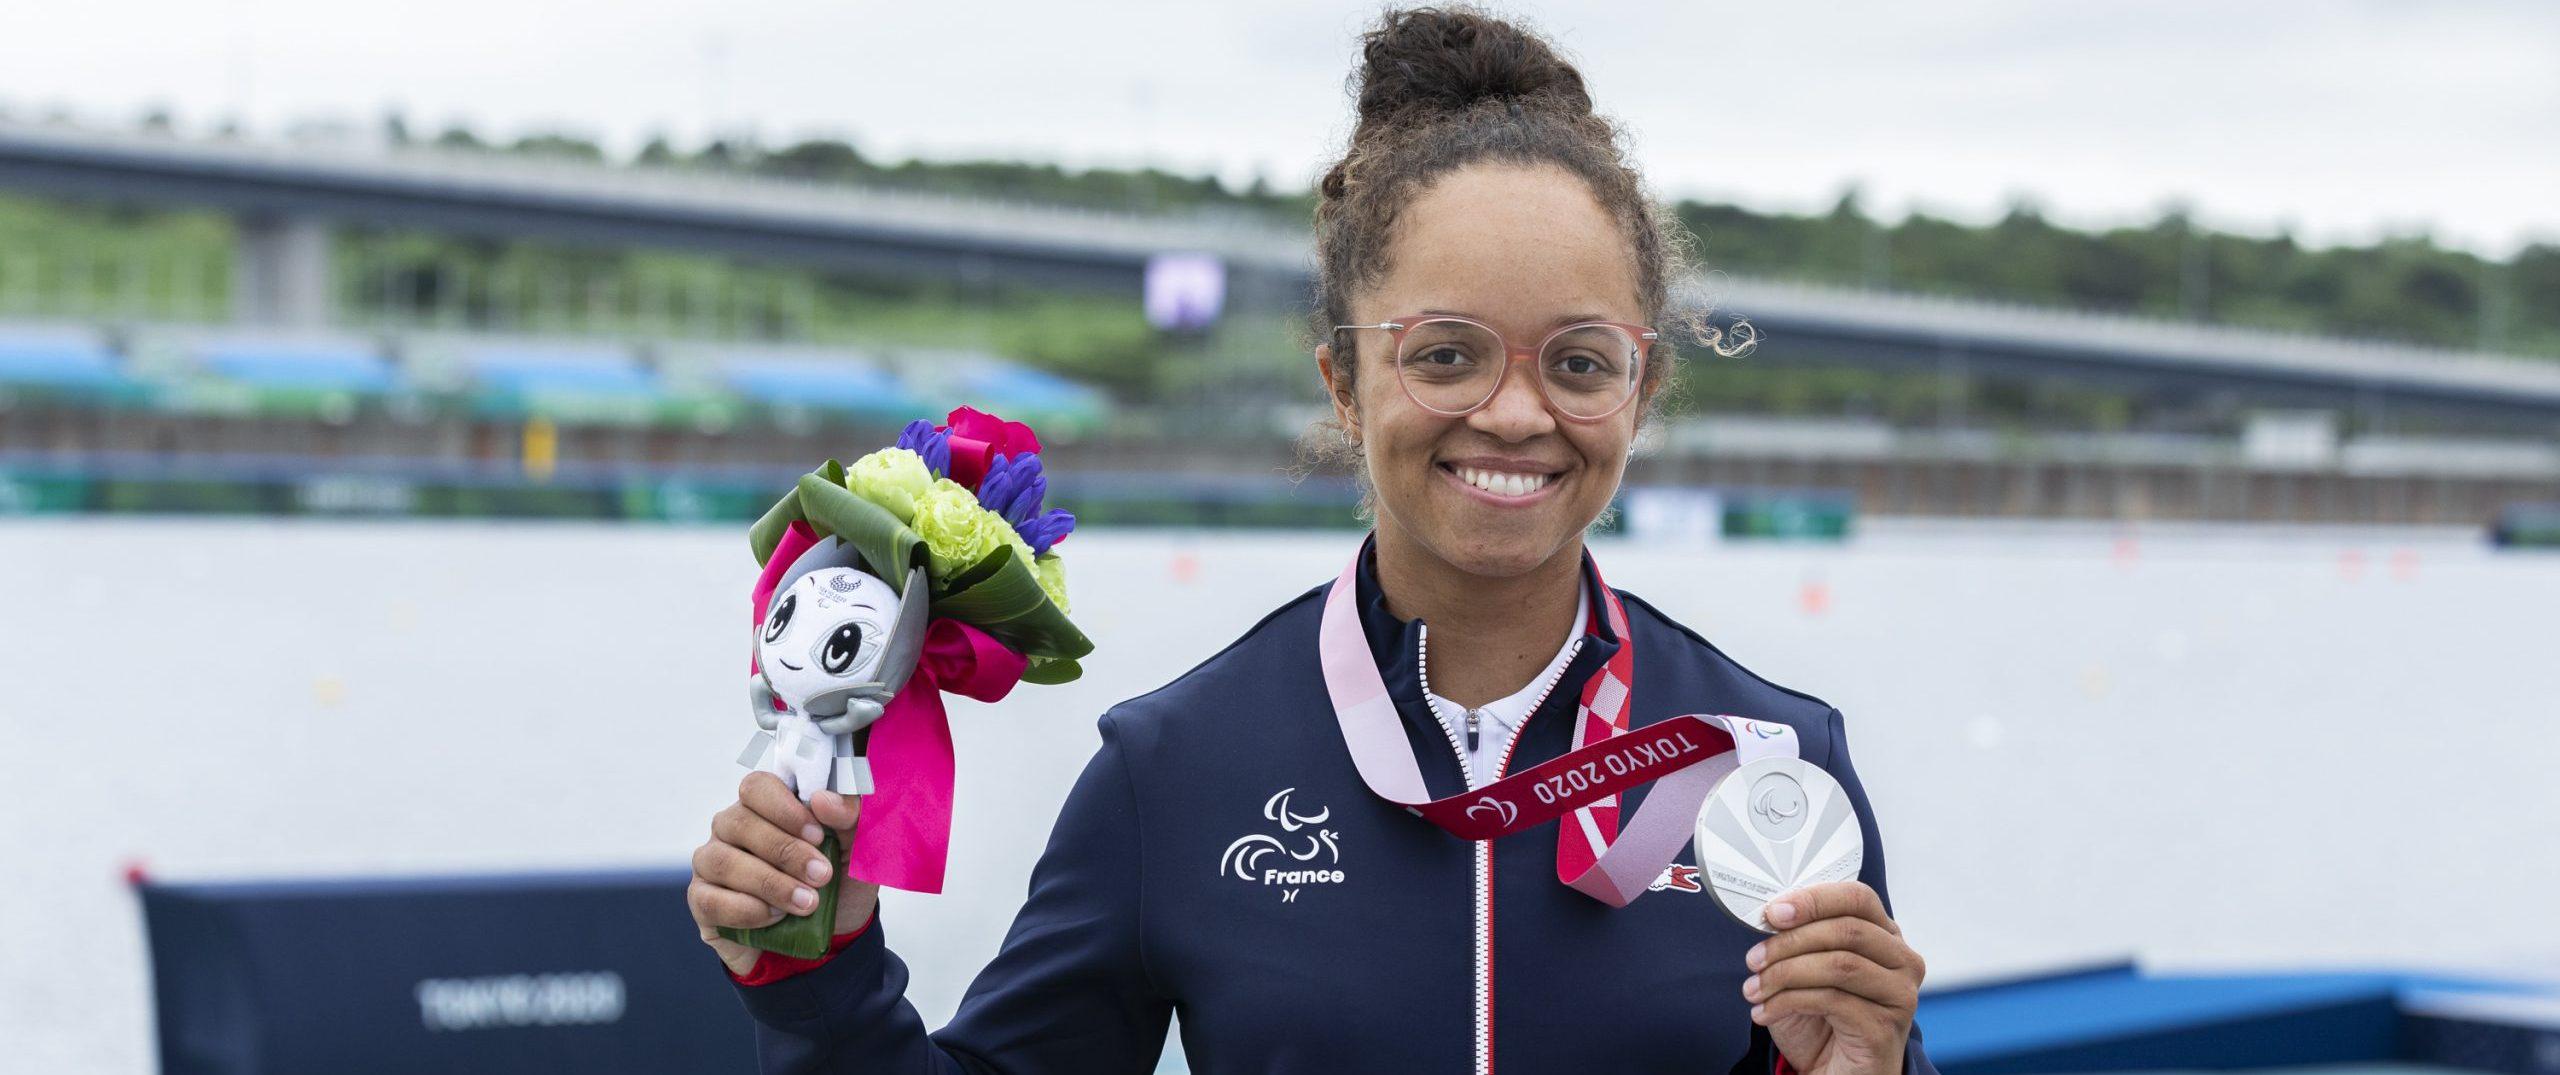 A 22 ans, pour ses premiers jeux paralympiques, Nélia Barbosa décroche la médaille d'argent en para canoë, sur 200m KL3.